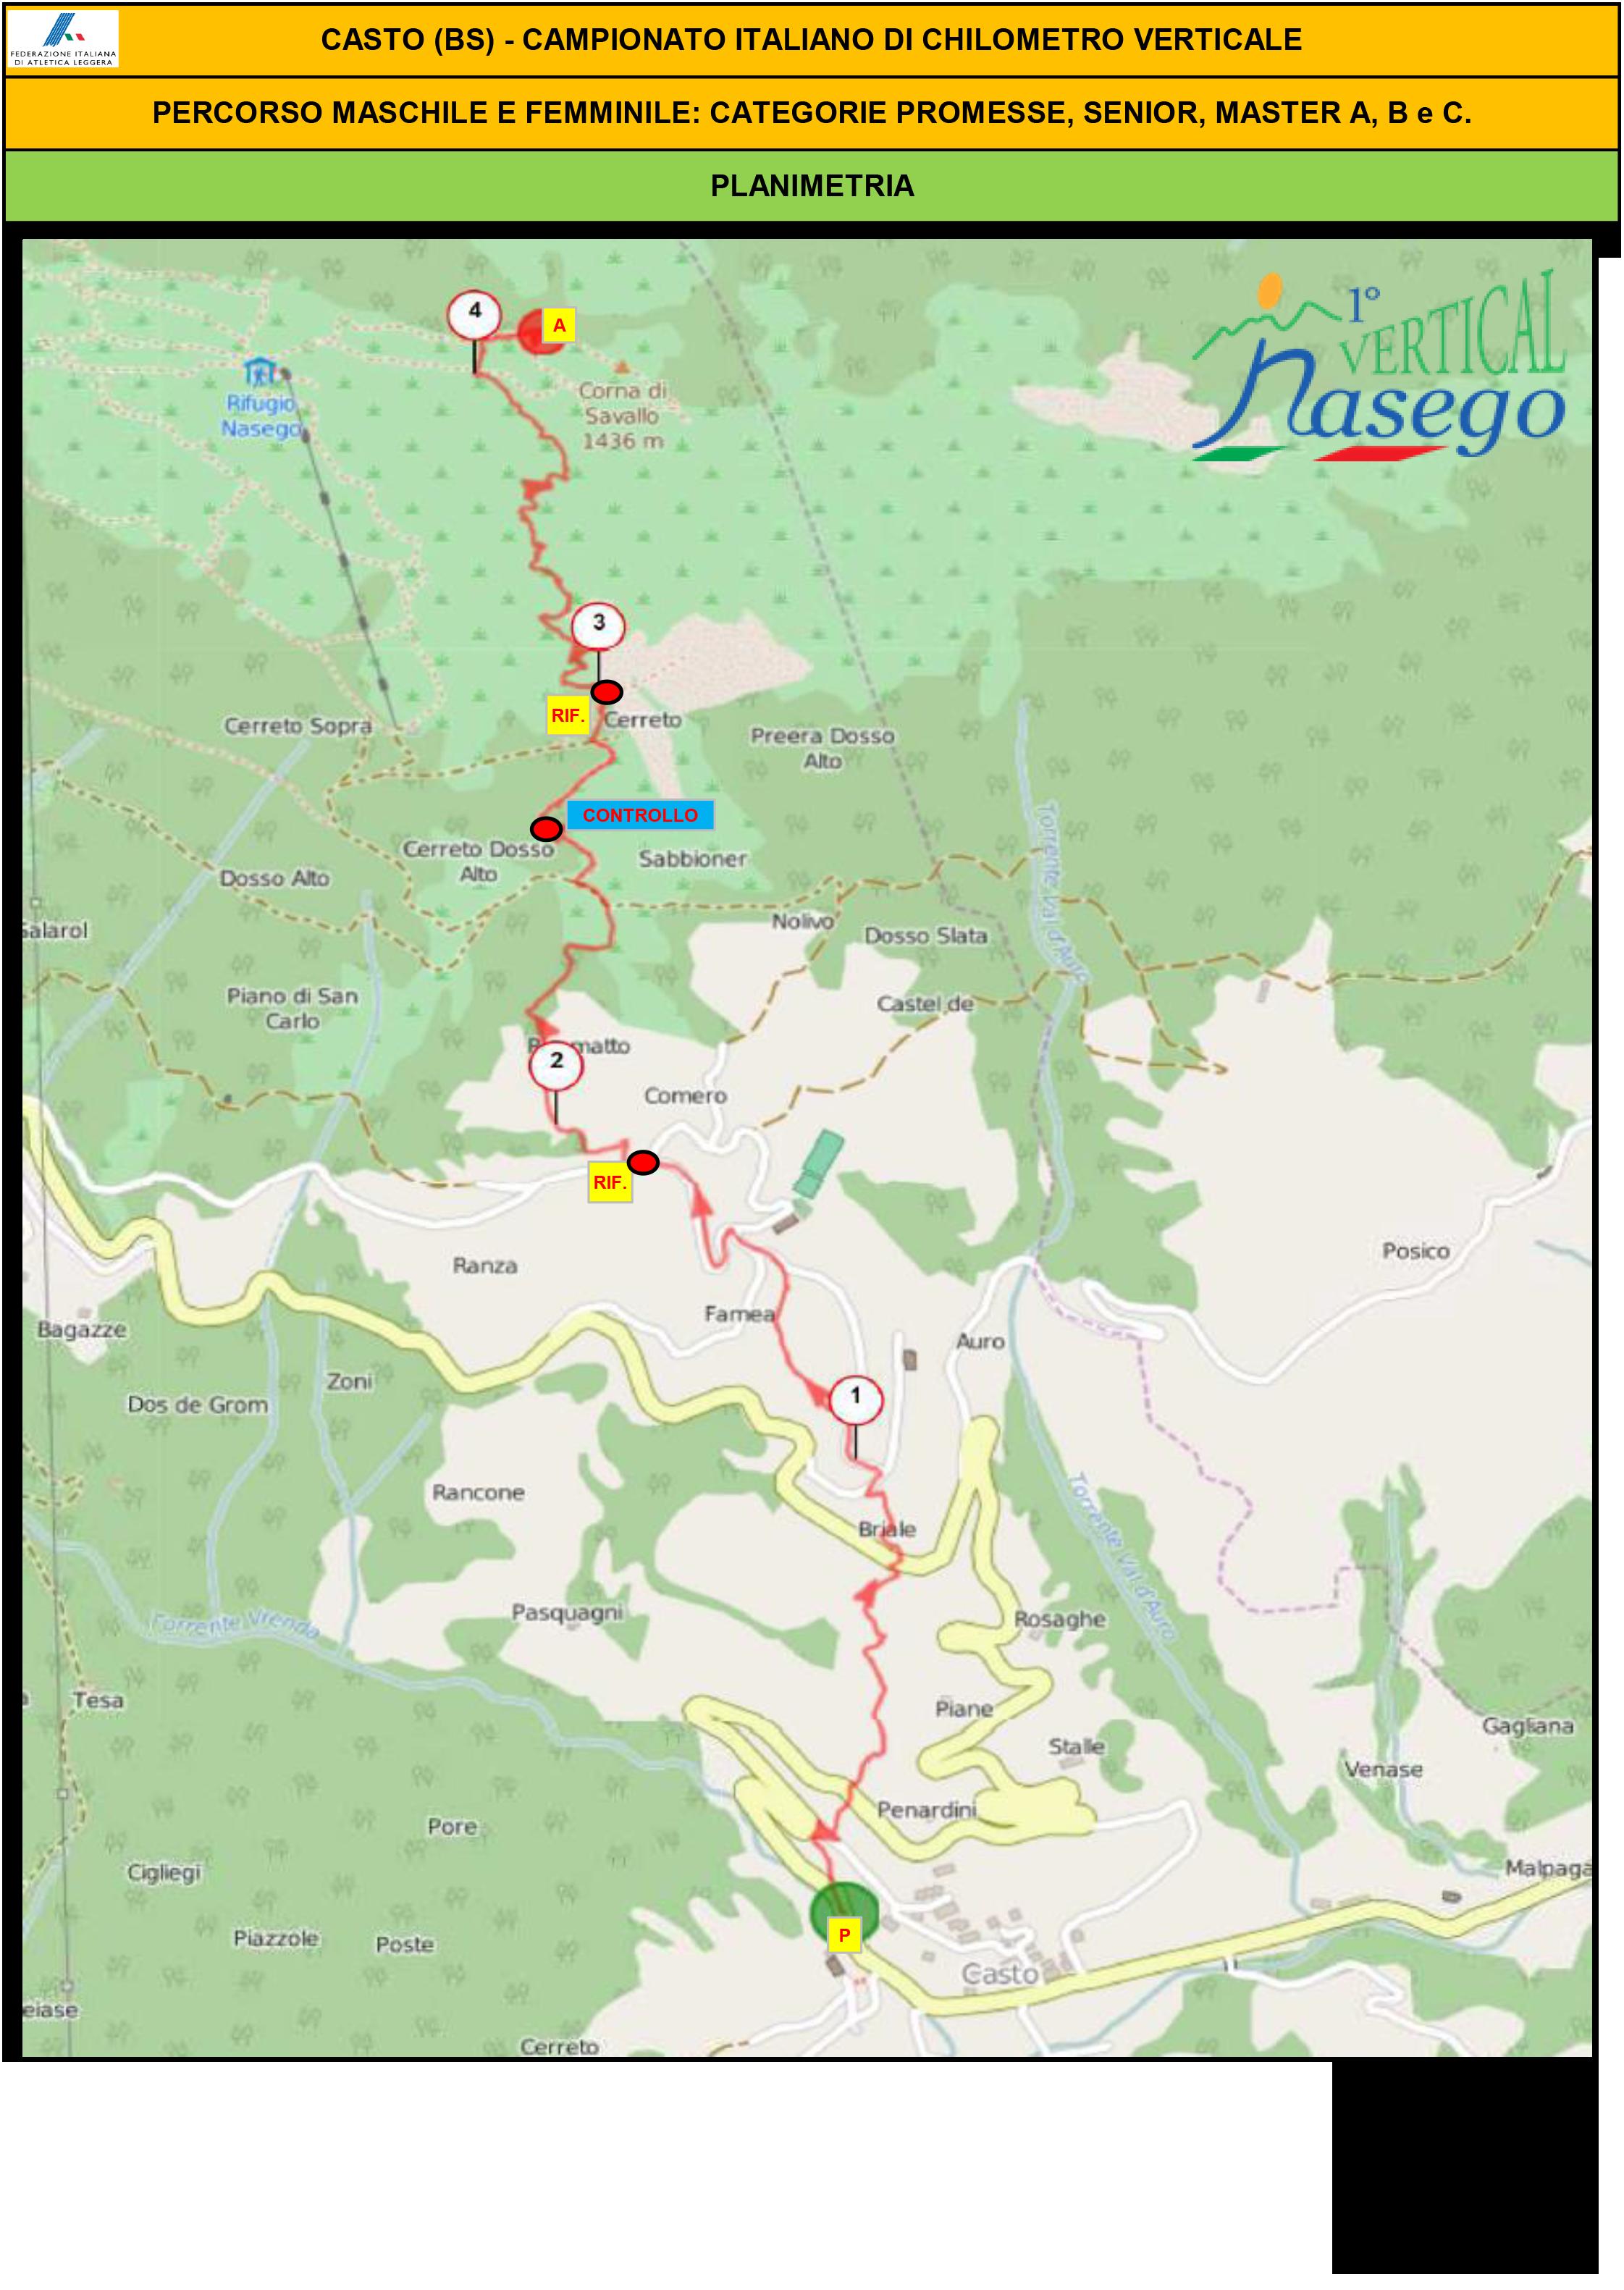 RAPPORTO OMOLOGAZIONE VERTICAL NASEGO CASTO 2016-7